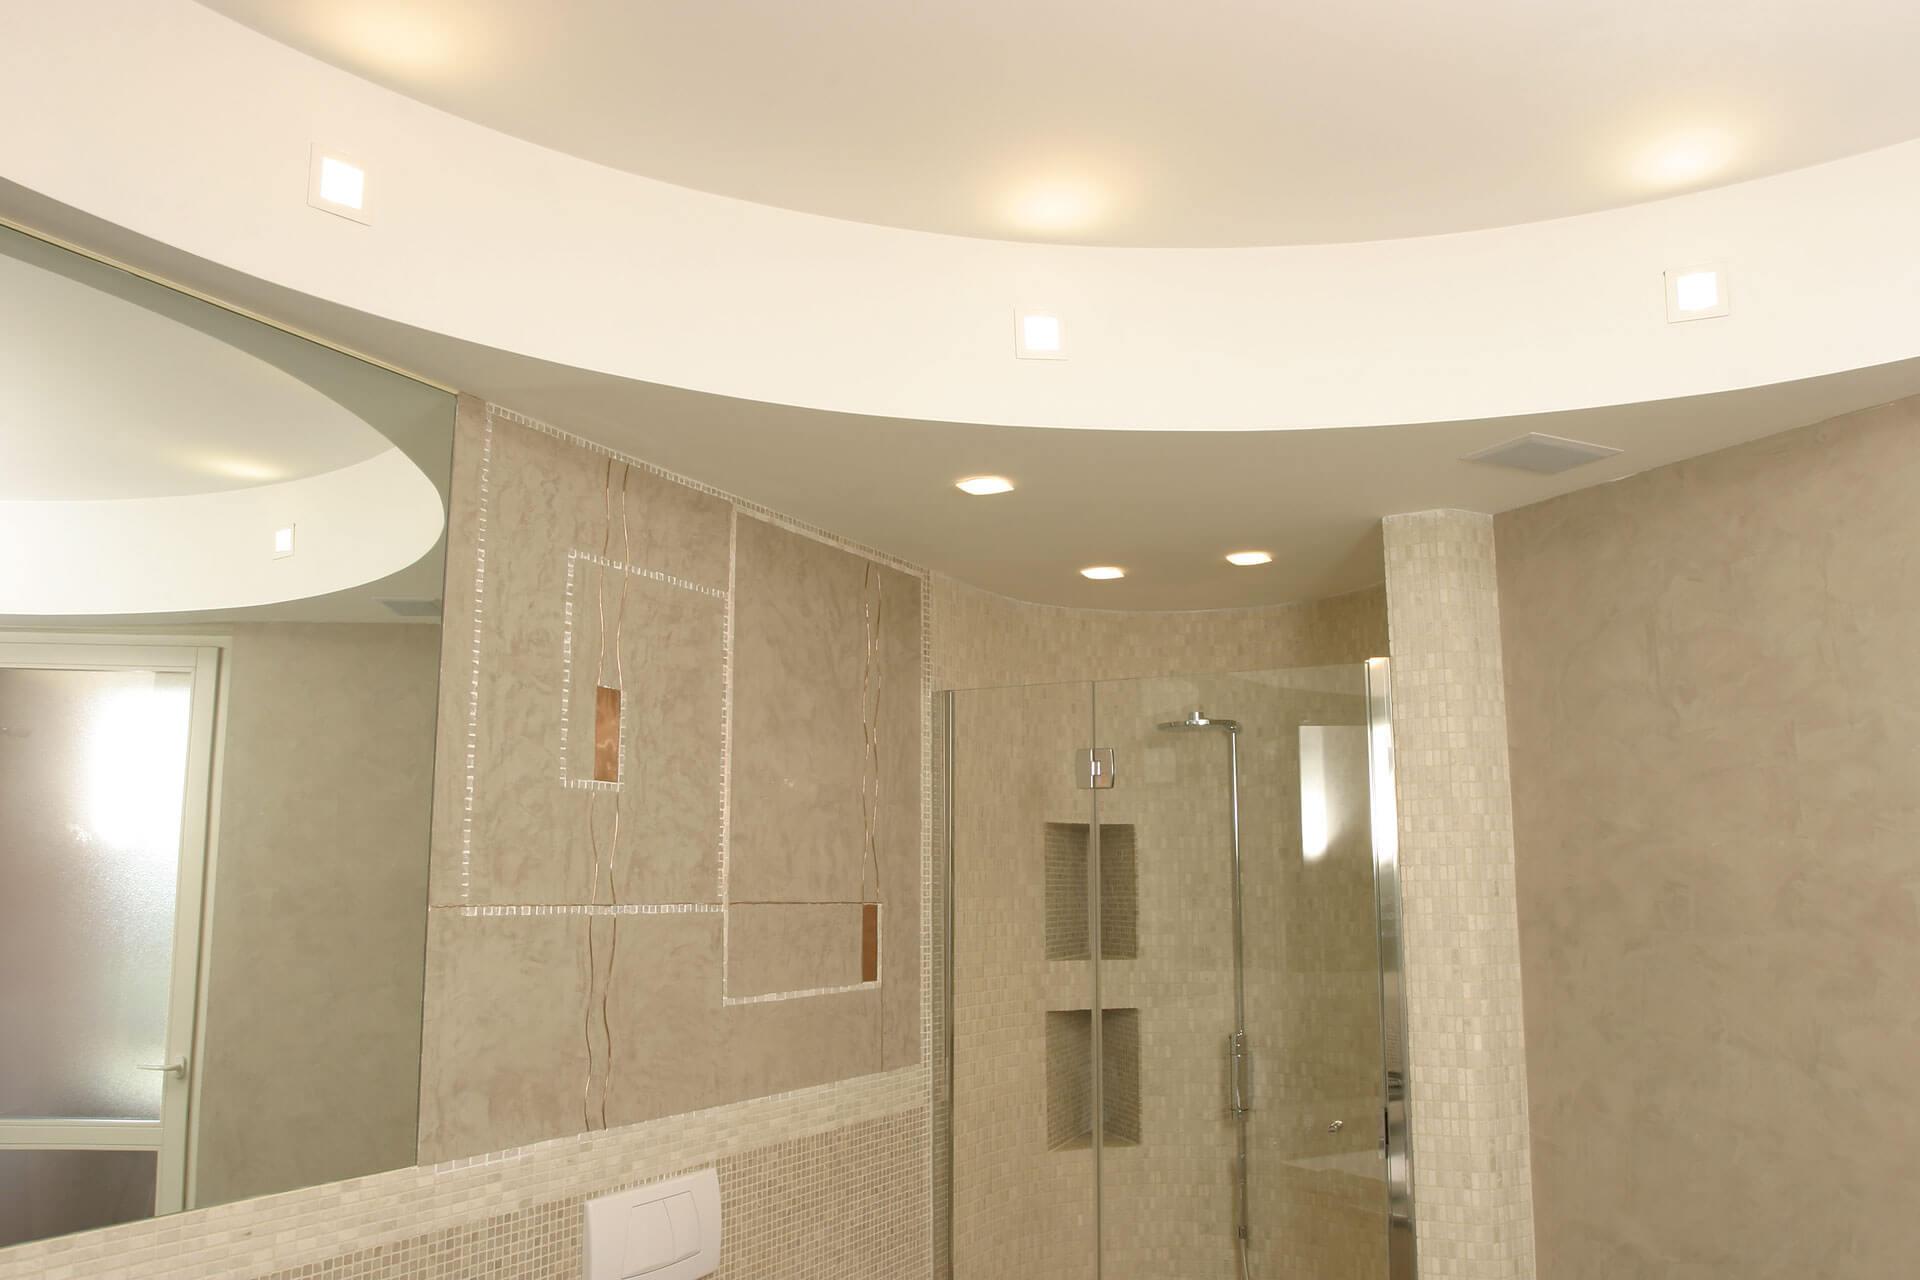 micaela-mazzoni-studio-interior-designer-bologna-progetti-abitativi-gallery-attico-casalecchio-meridiana